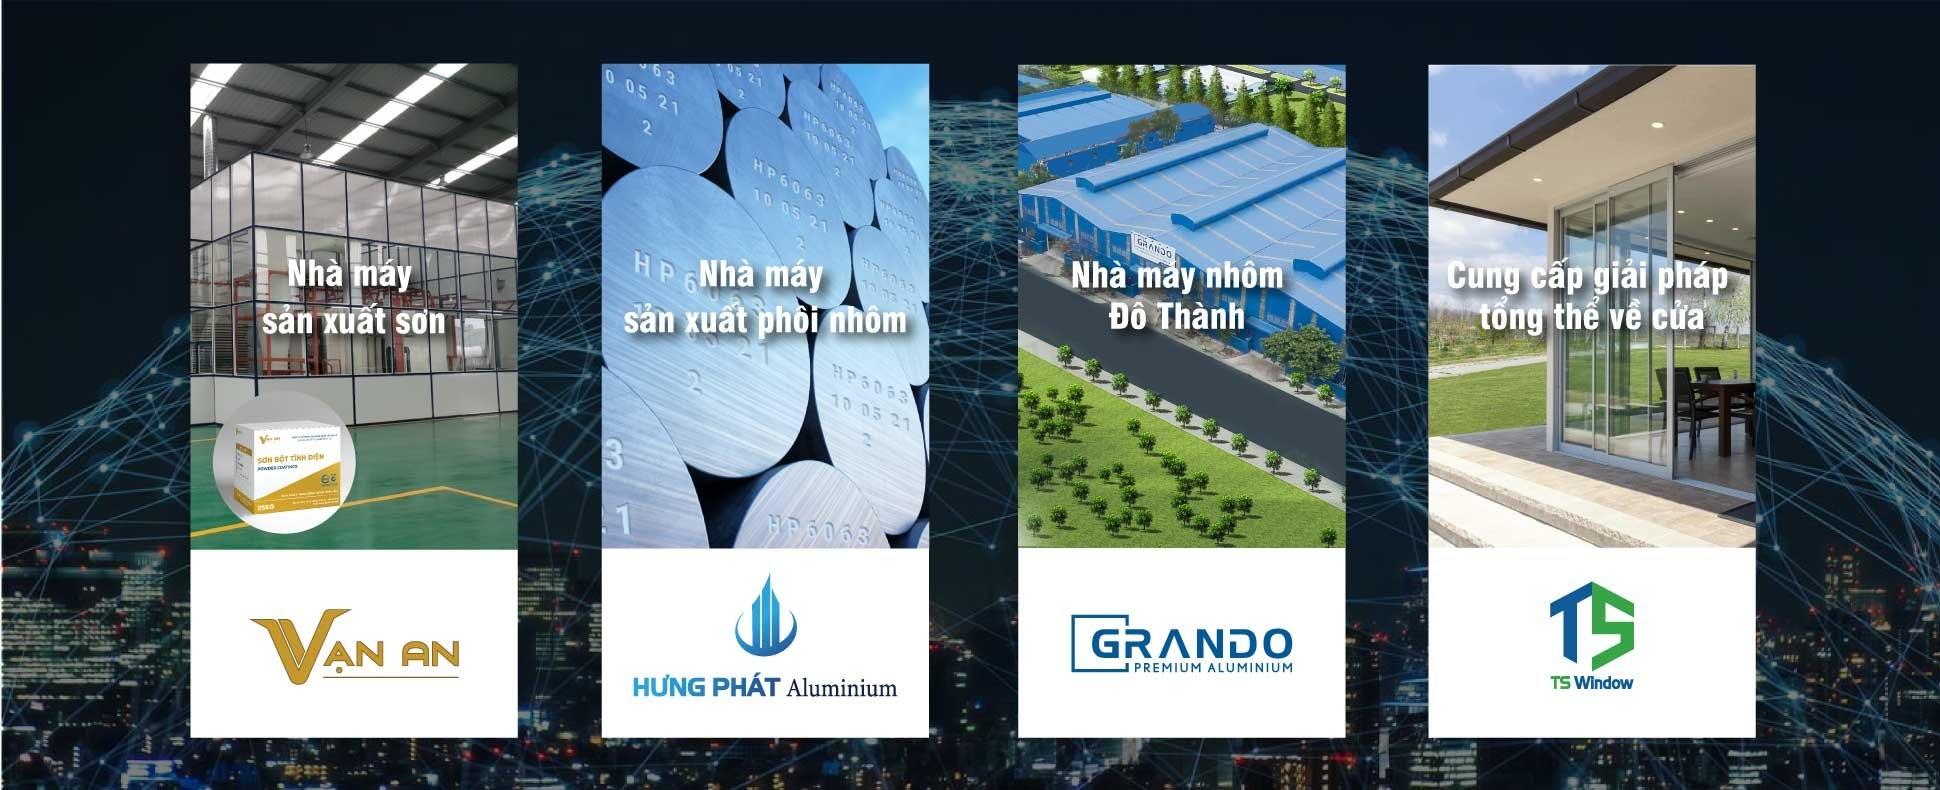 Grando - Hưng Phát - Vạn An - TSWindows 2